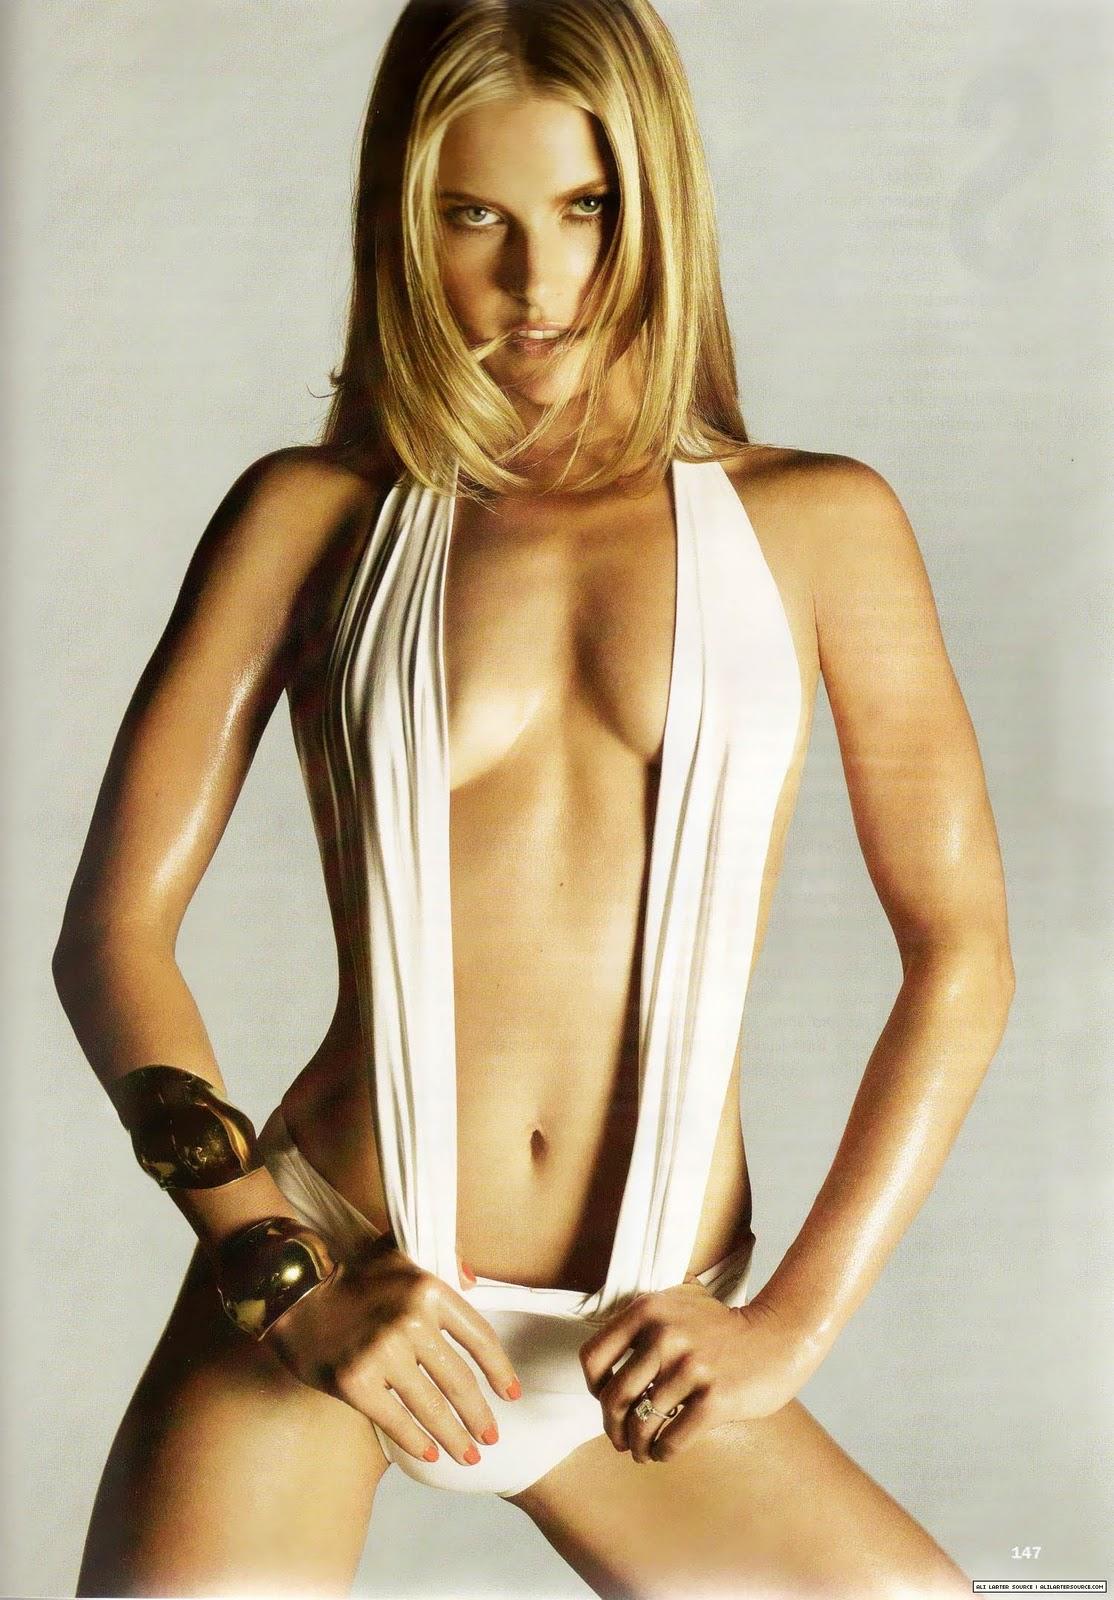 http://4.bp.blogspot.com/_WDCWEjl45FQ/TOwF-0RGajI/AAAAAAAAAeI/D8RCRiQbFWc/s1600/ali-larter-bikini-allure-03.jpg